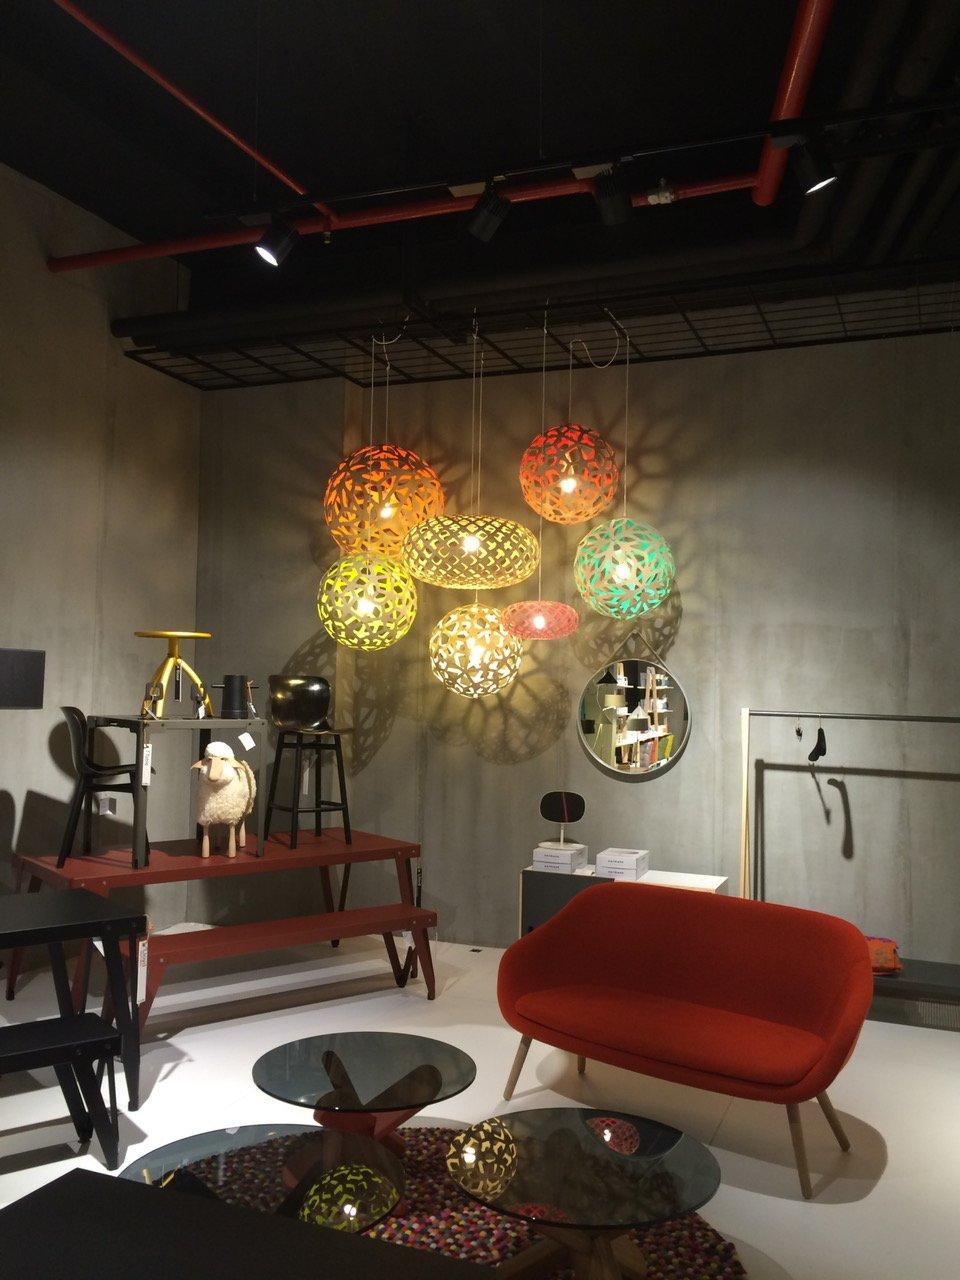 KOURA - moderne LED Designer Leuchte, exklusive Designleuchte aus Bambus,  Designerleuchte, Lampe Wohnzimmer, Gastronomie, Hotel